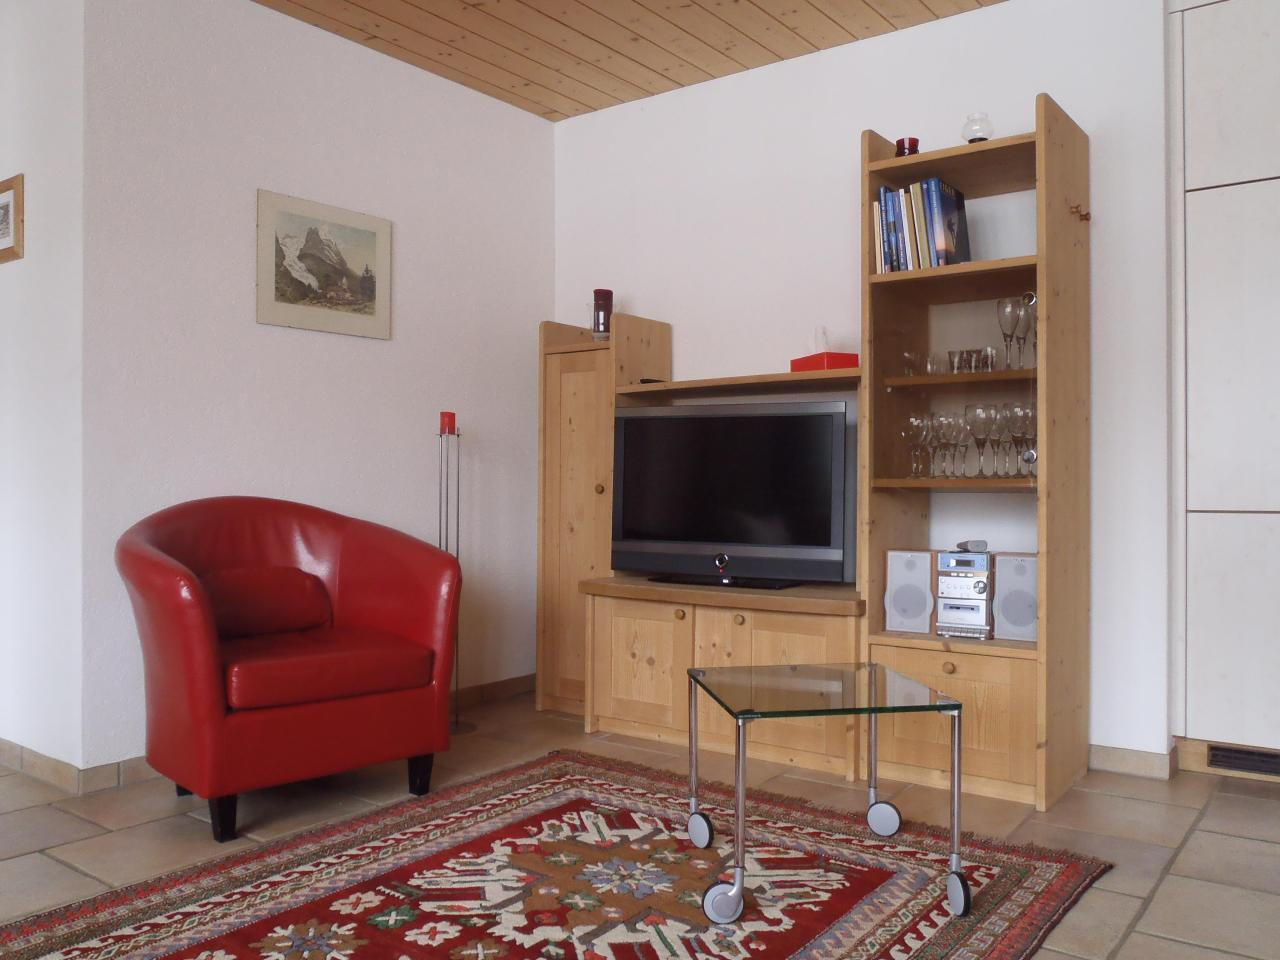 Appartement de vacances Asterix 2 Bett Wohnung (2691730), Grindelwald, Région de la Jungfrau, Oberland bernois, Suisse, image 10